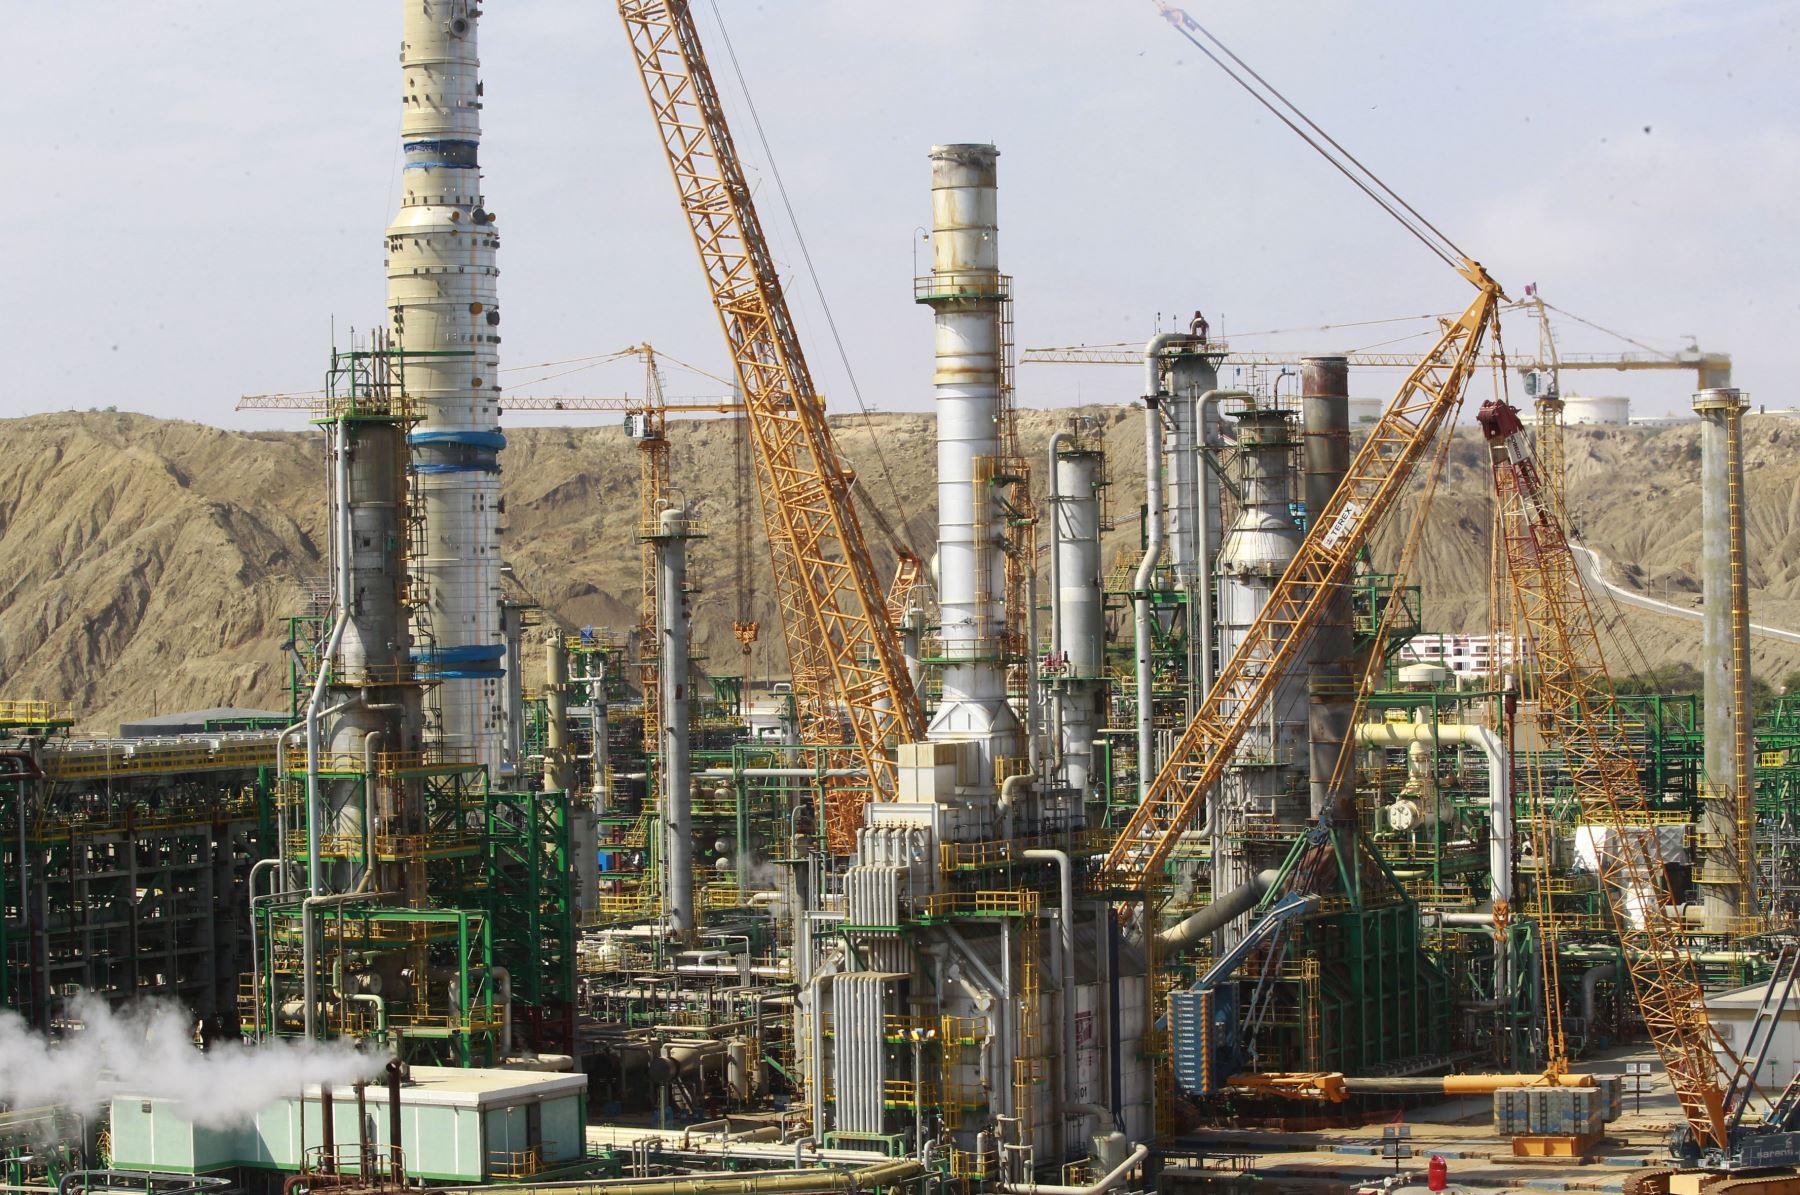 La producción de petróleo cayó en 20% según la Sociedad Peruana de Hidrocarburos